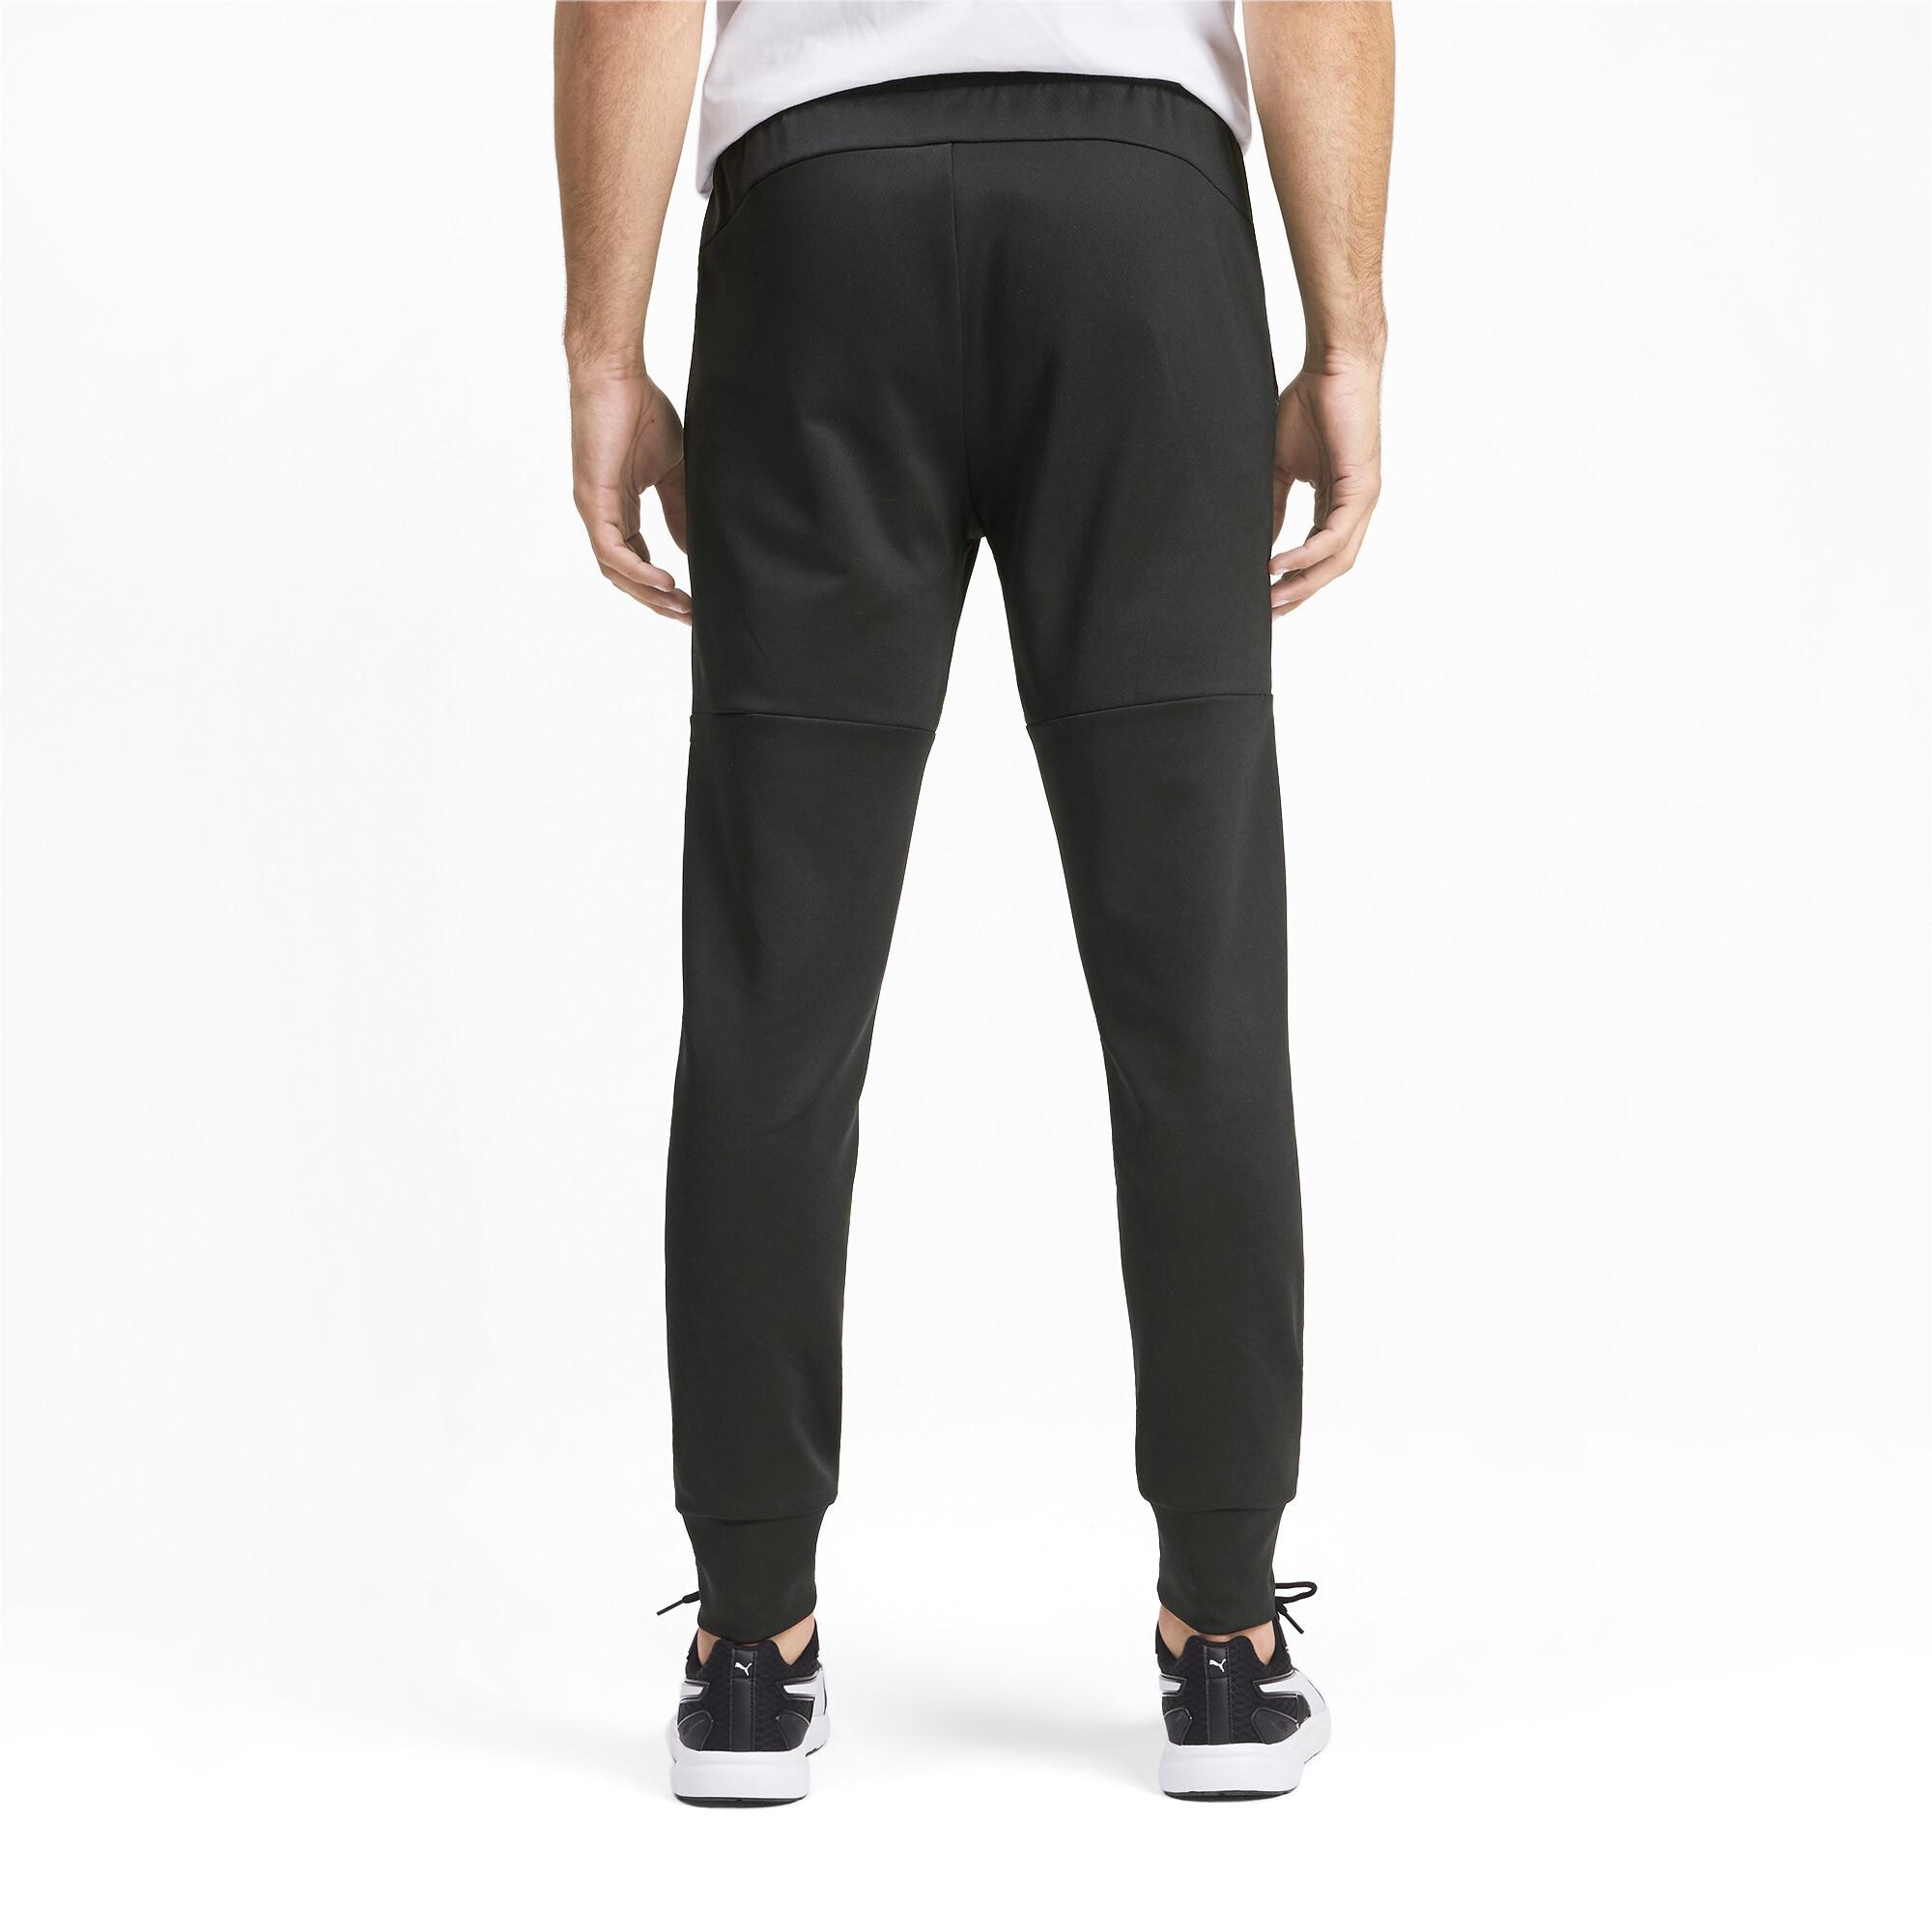 PUMA-Tec-Sports-Men-039-s-Sweatpants-Men-Knitted-Pants-Basics thumbnail 5